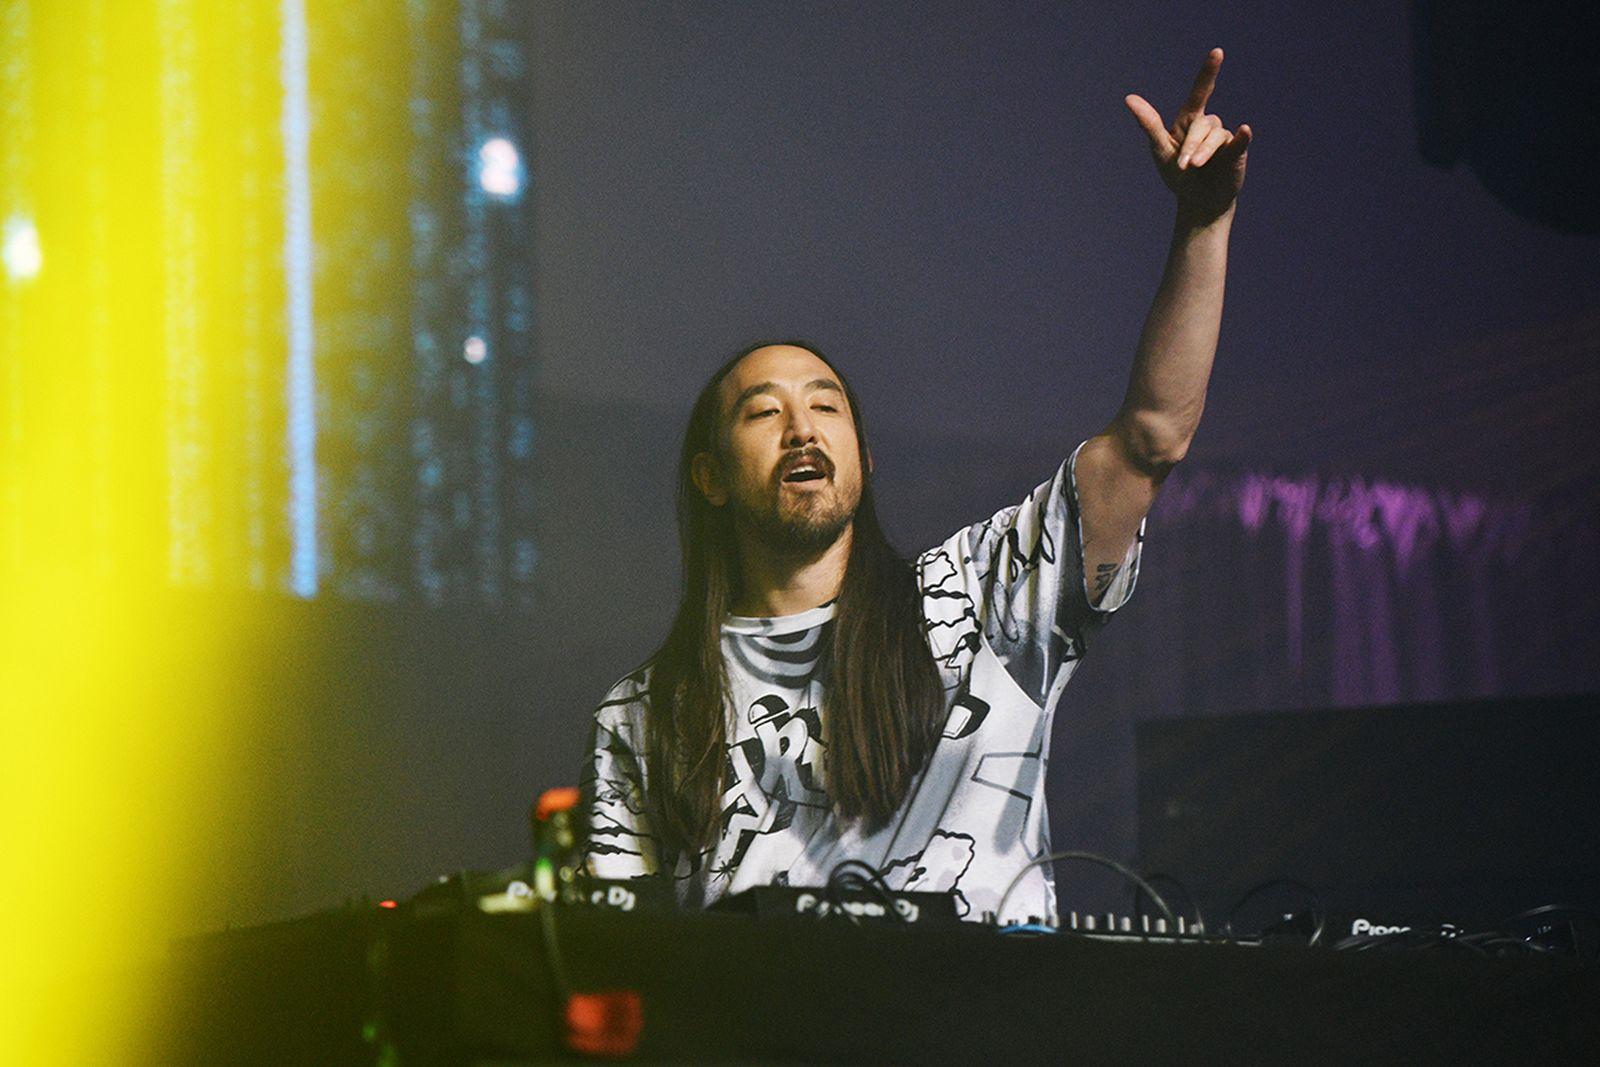 Steve Aoki performing